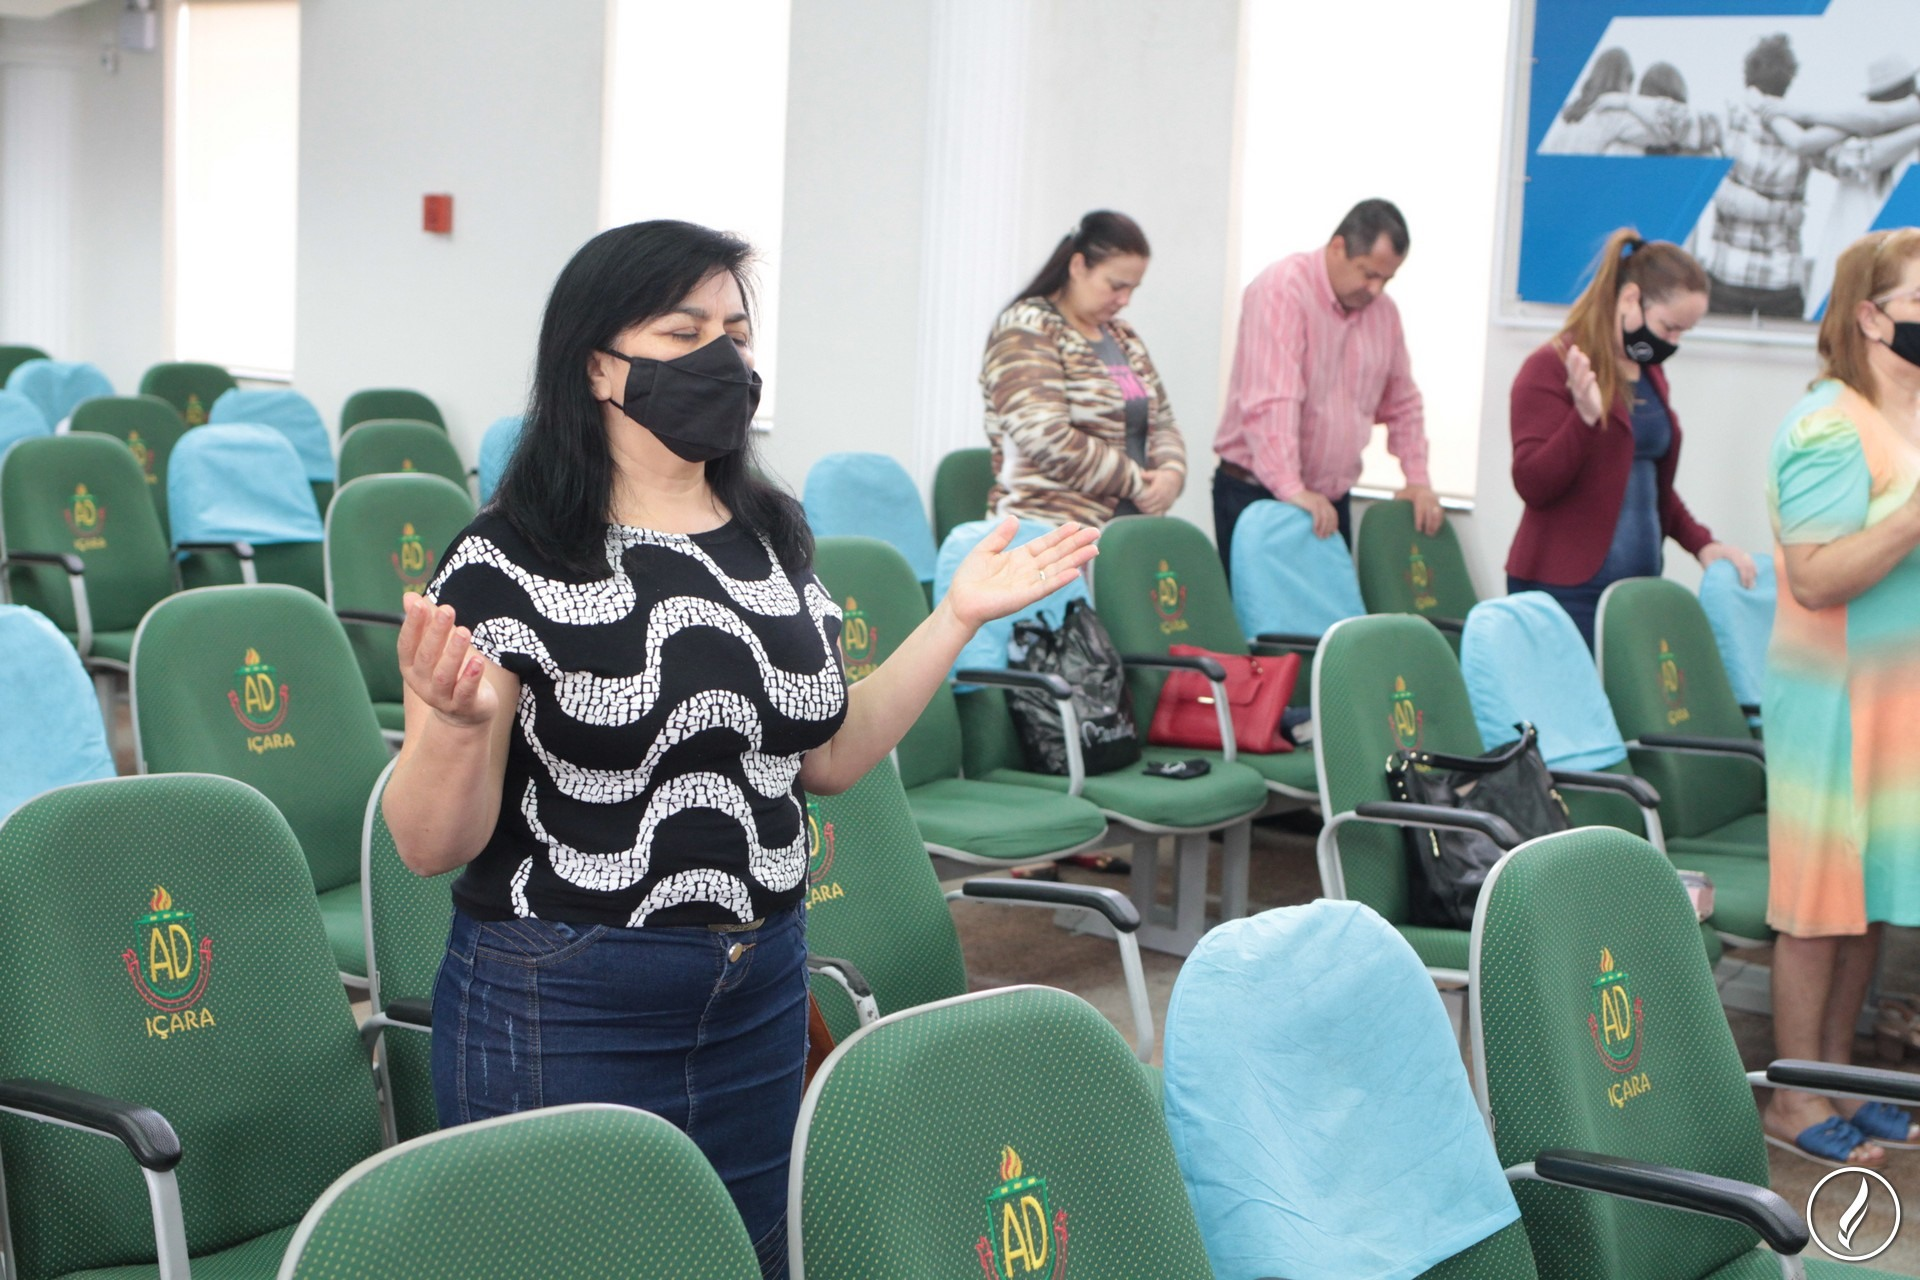 https://www.adicara.com.br/adm/artigos/imagens/16050956405fabd0d8e9f30.jpg